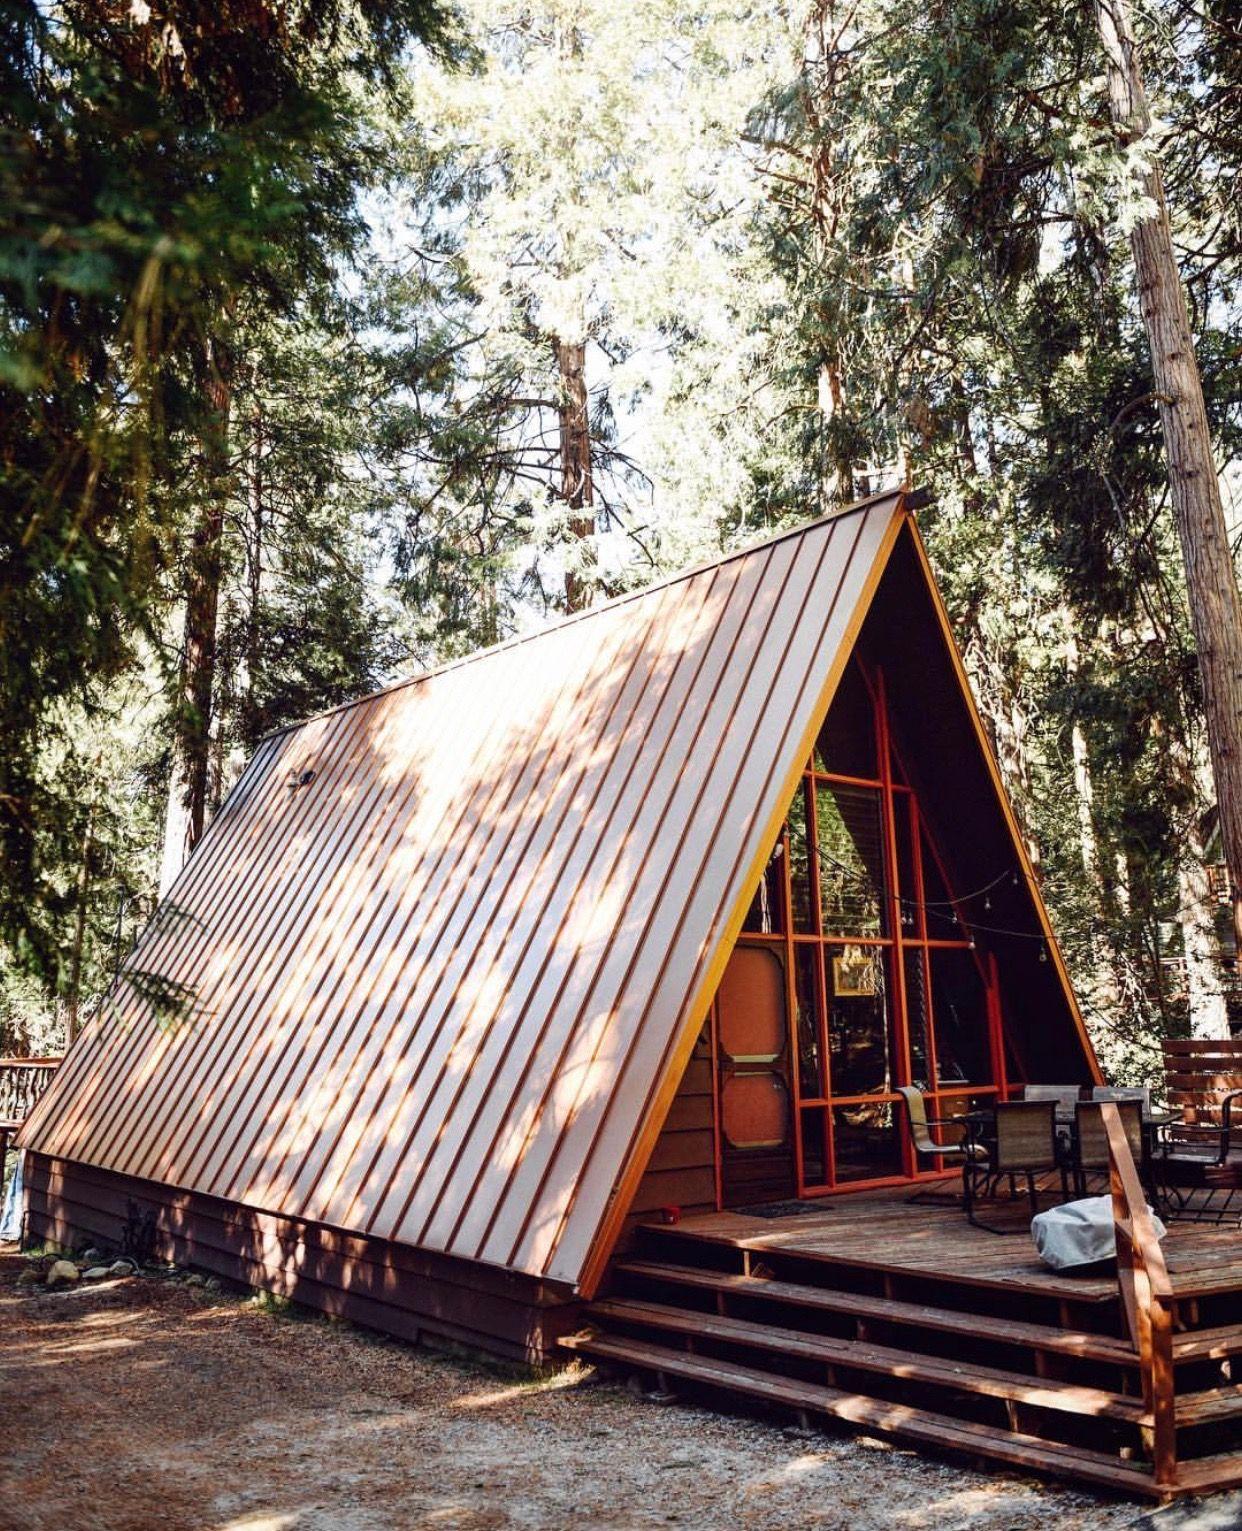 Pin von Tom Tobias auf Cabin   Pinterest   Mini-häuser, Berghütte ...